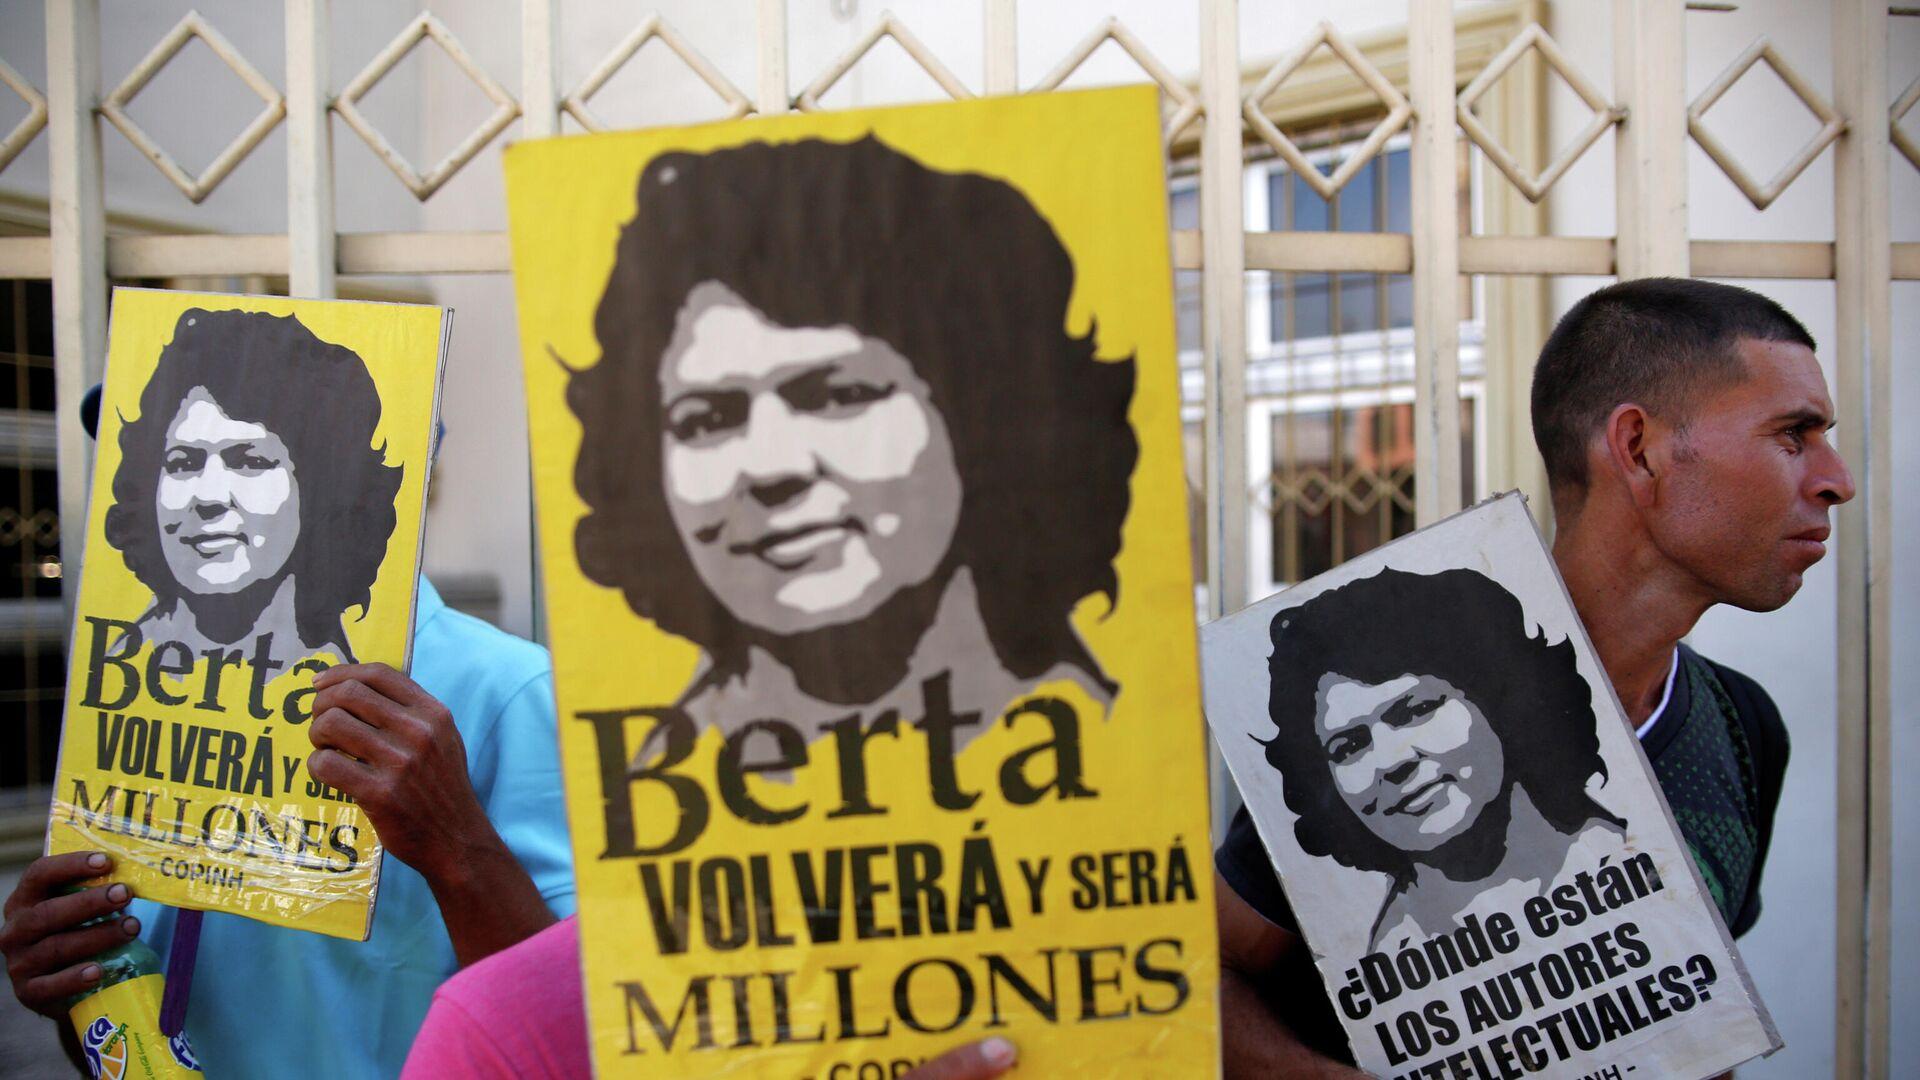 Personas con los retratos de Berta Cáceres - Sputnik Mundo, 1920, 05.07.2021